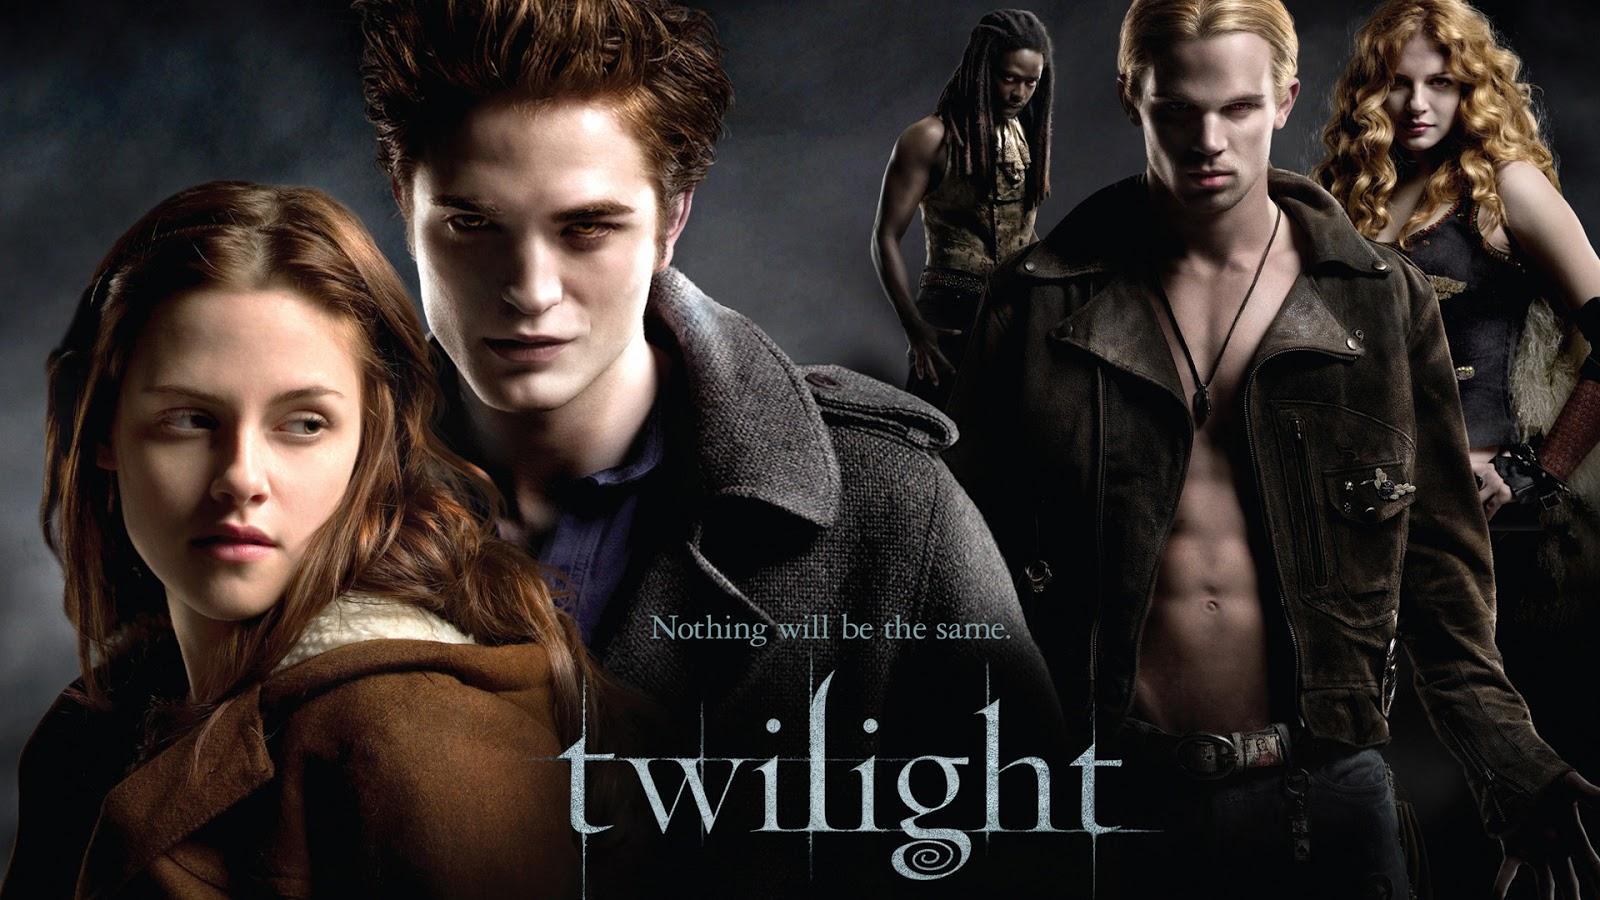 twilight free full movie 2008